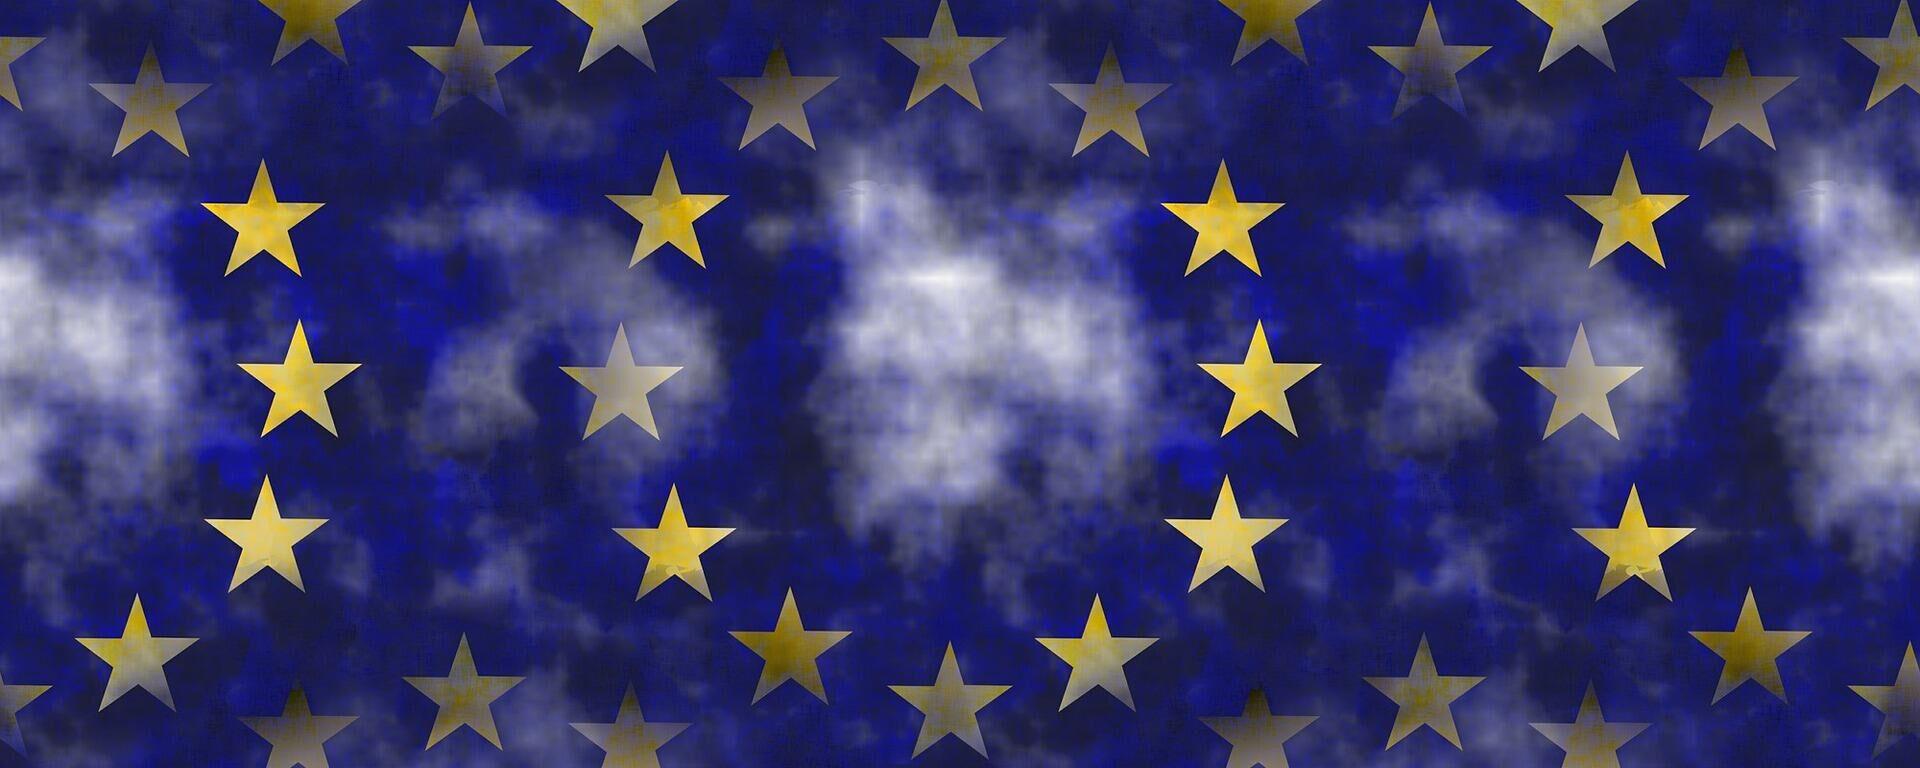 Bandera de la Unión Europea - Sputnik Mundo, 1920, 25.05.2021